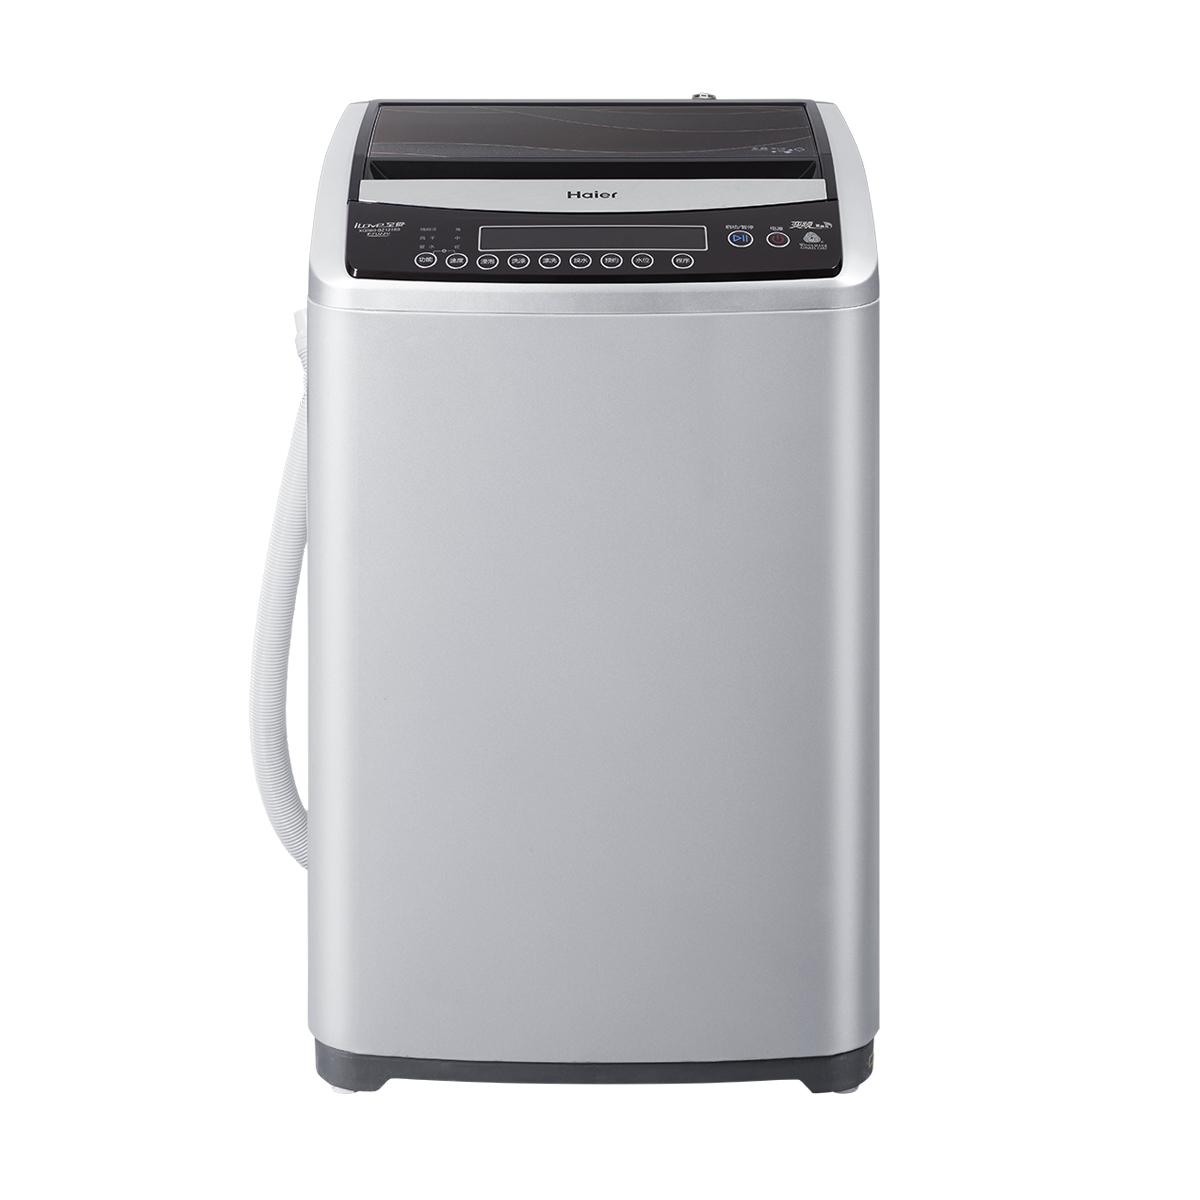 海尔Haier洗衣机 XQS60-BZ1218S 说明书